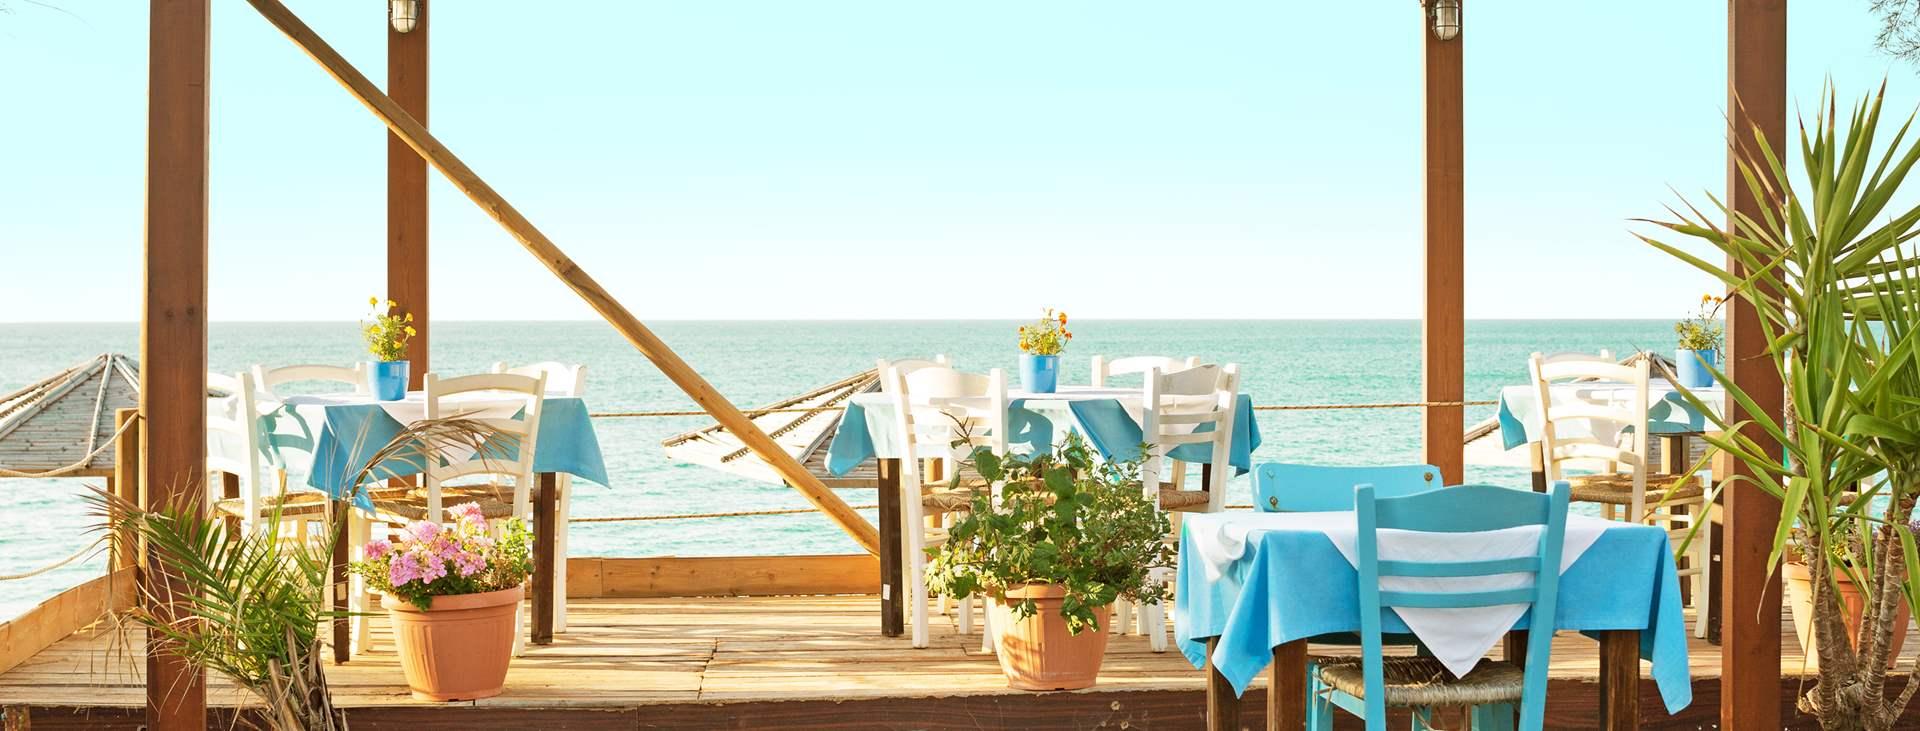 Bestill en reise med Ving til Maleme på Kreta